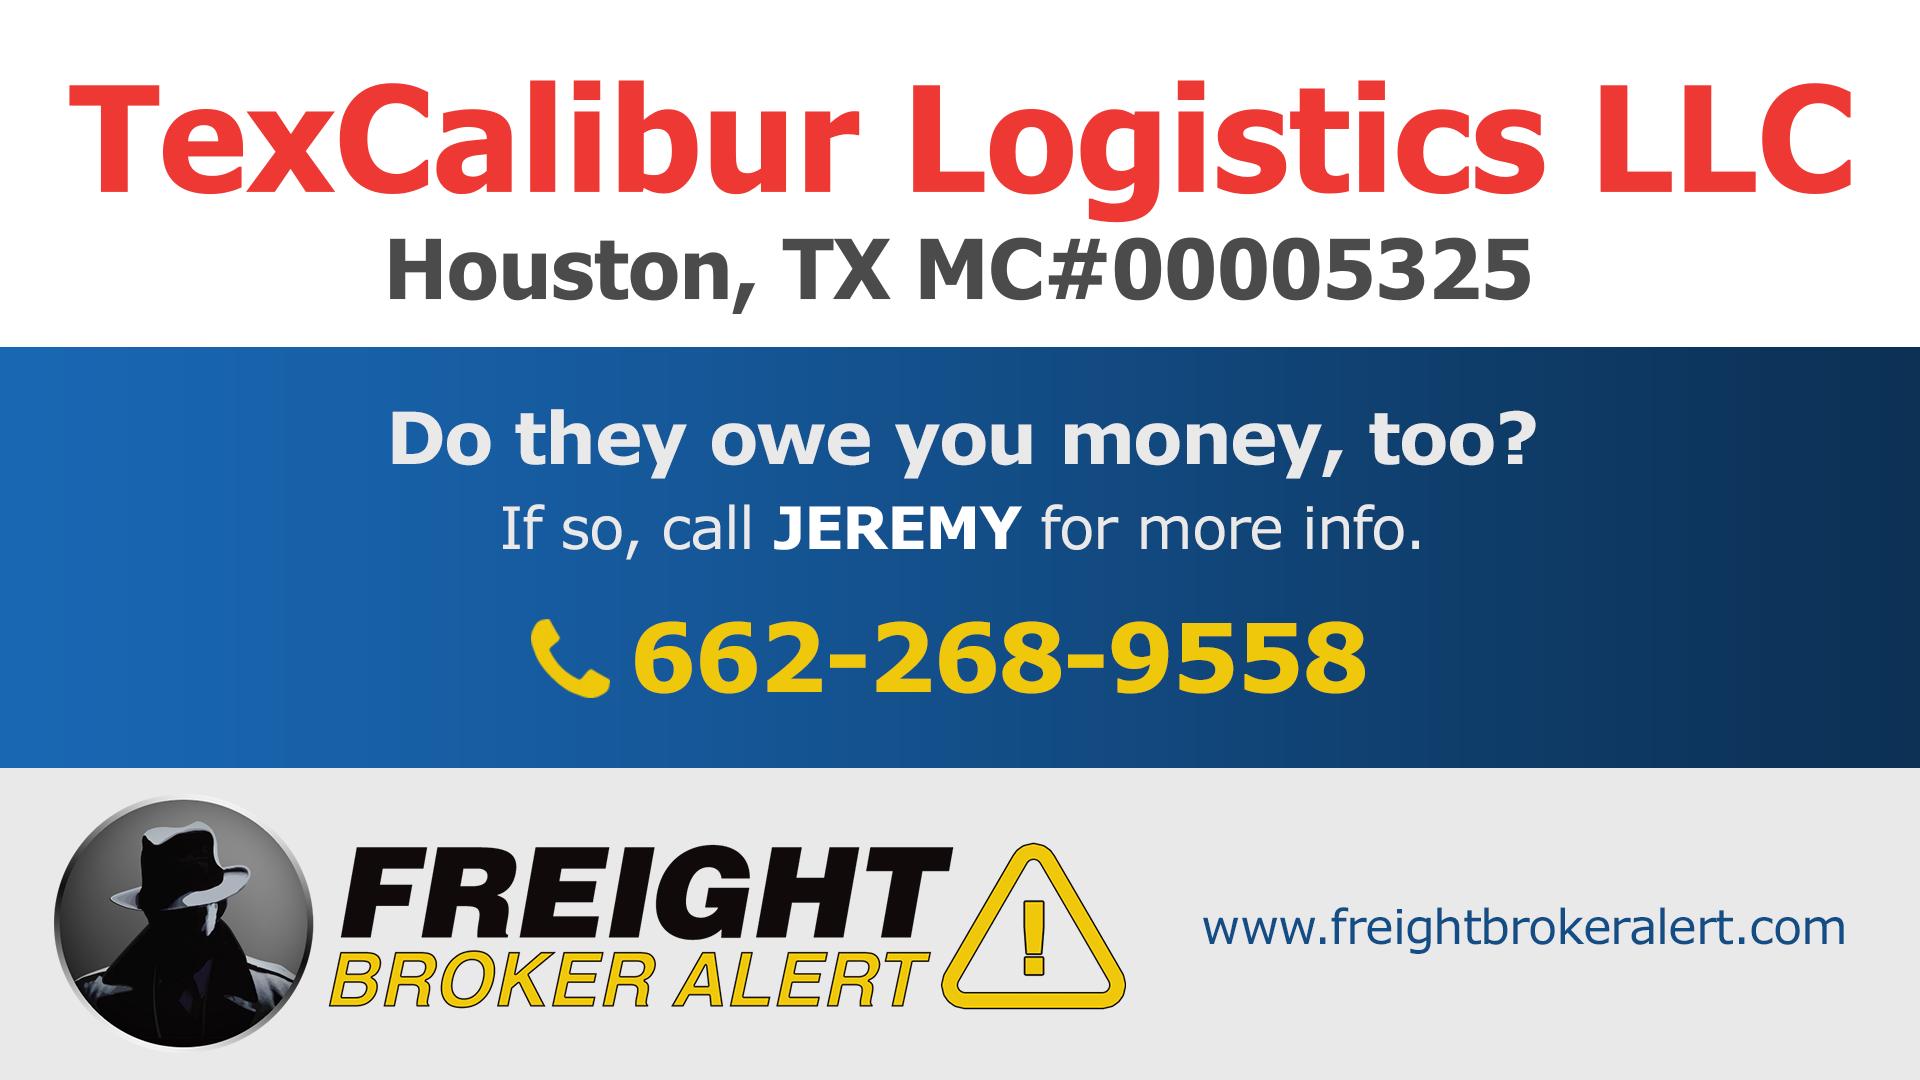 TexCalibur Logistics LLC Texas